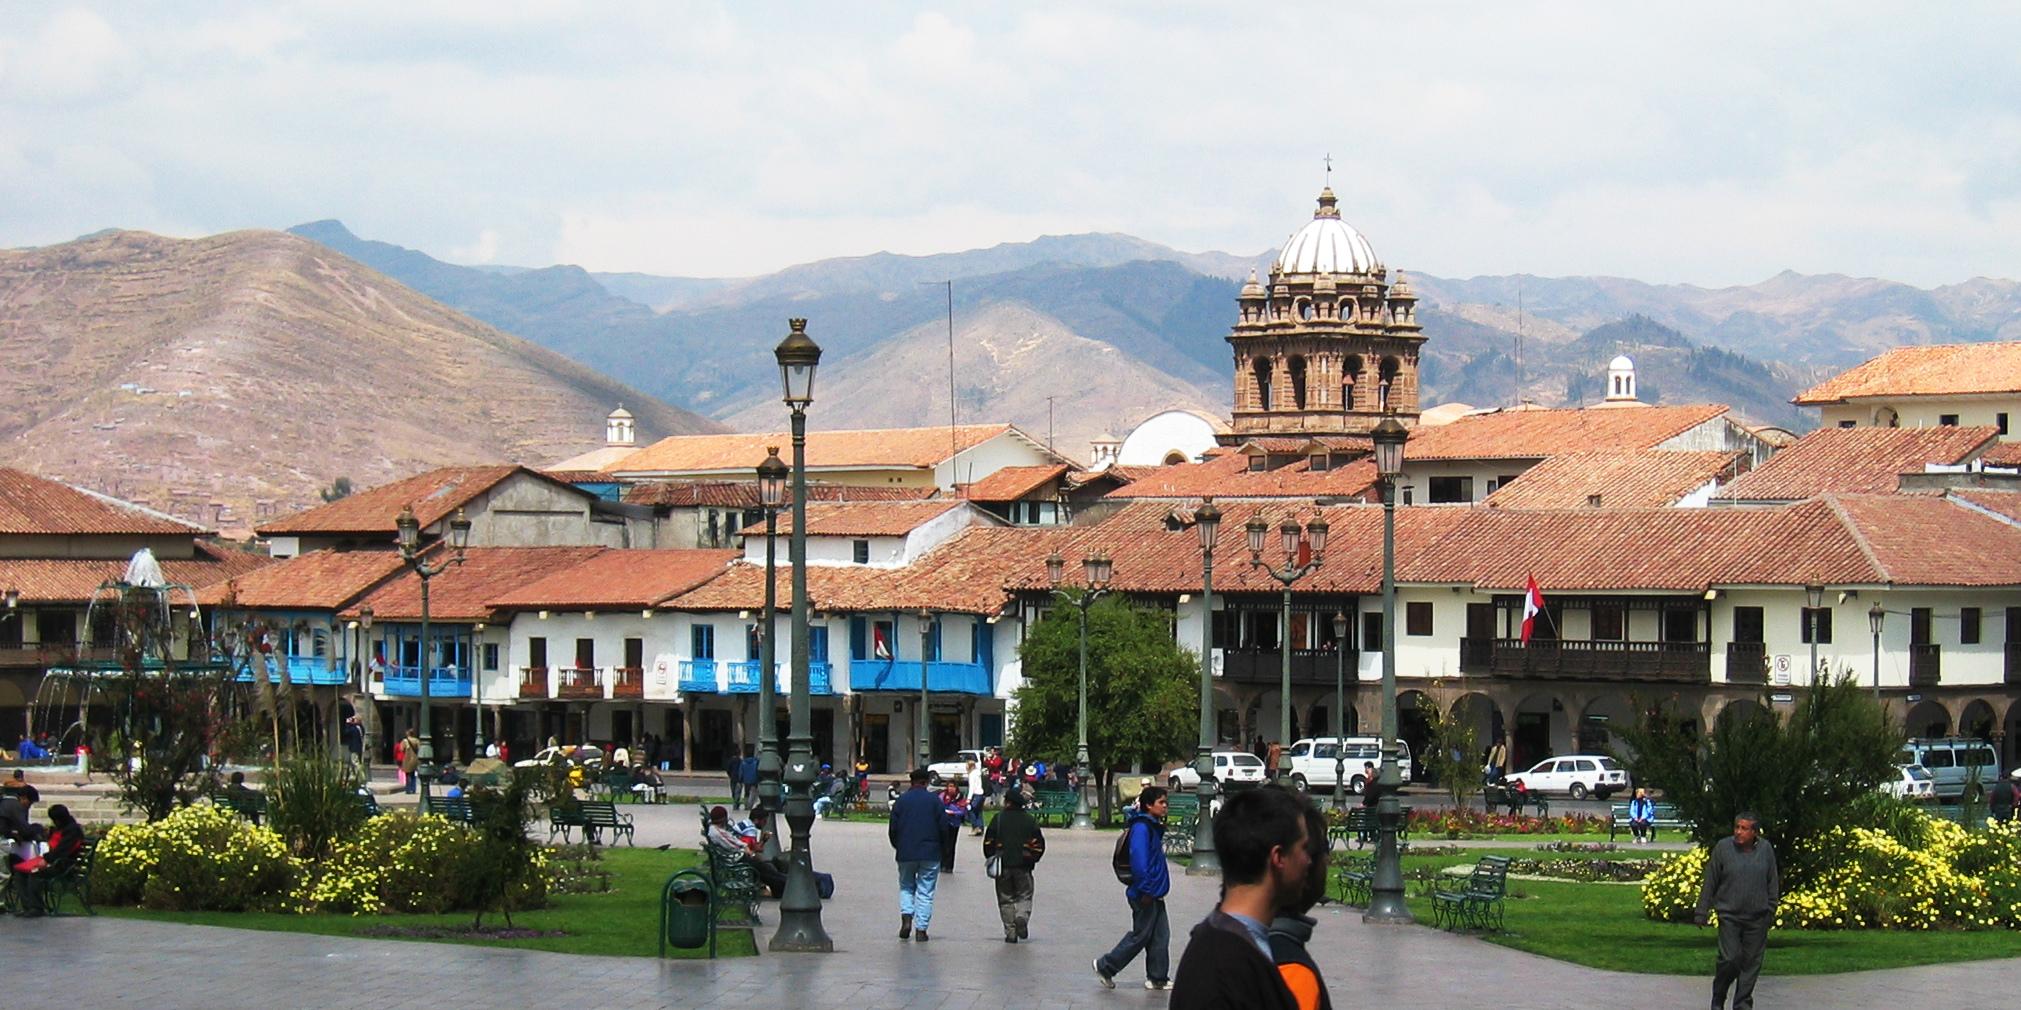 Peru sights to visit